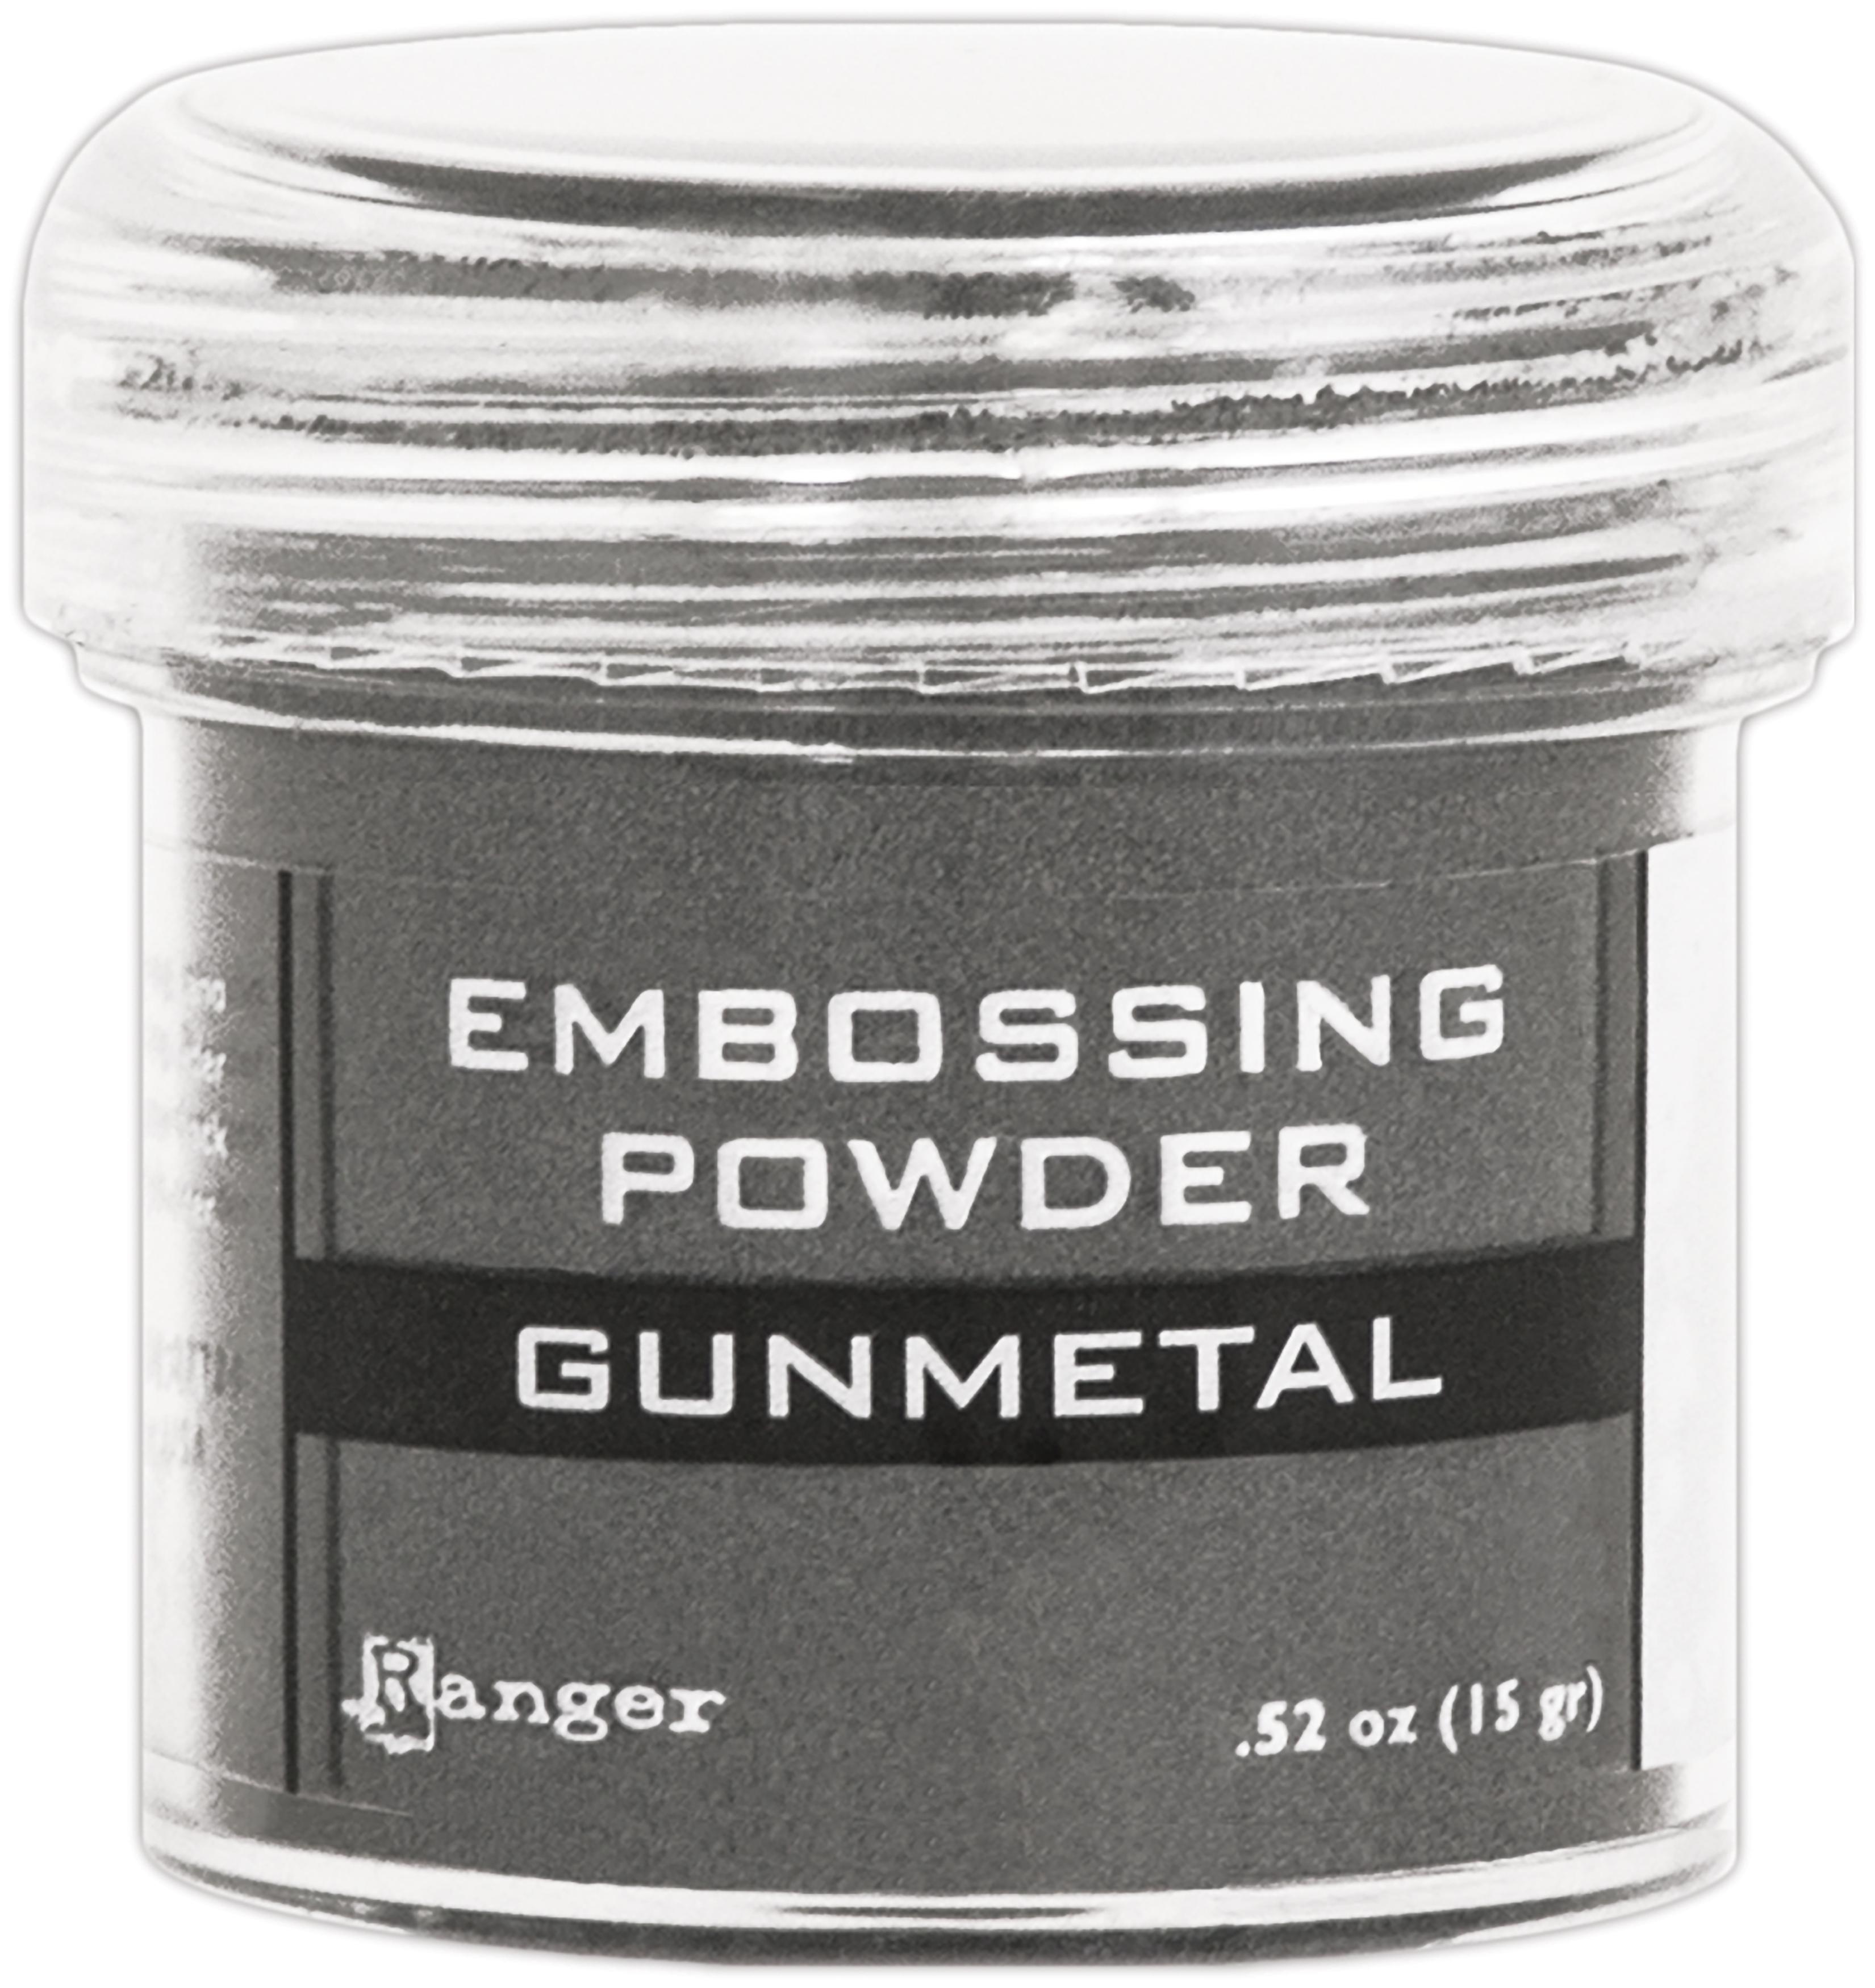 Ranger Embossing Powder-Gunmetal Metallic